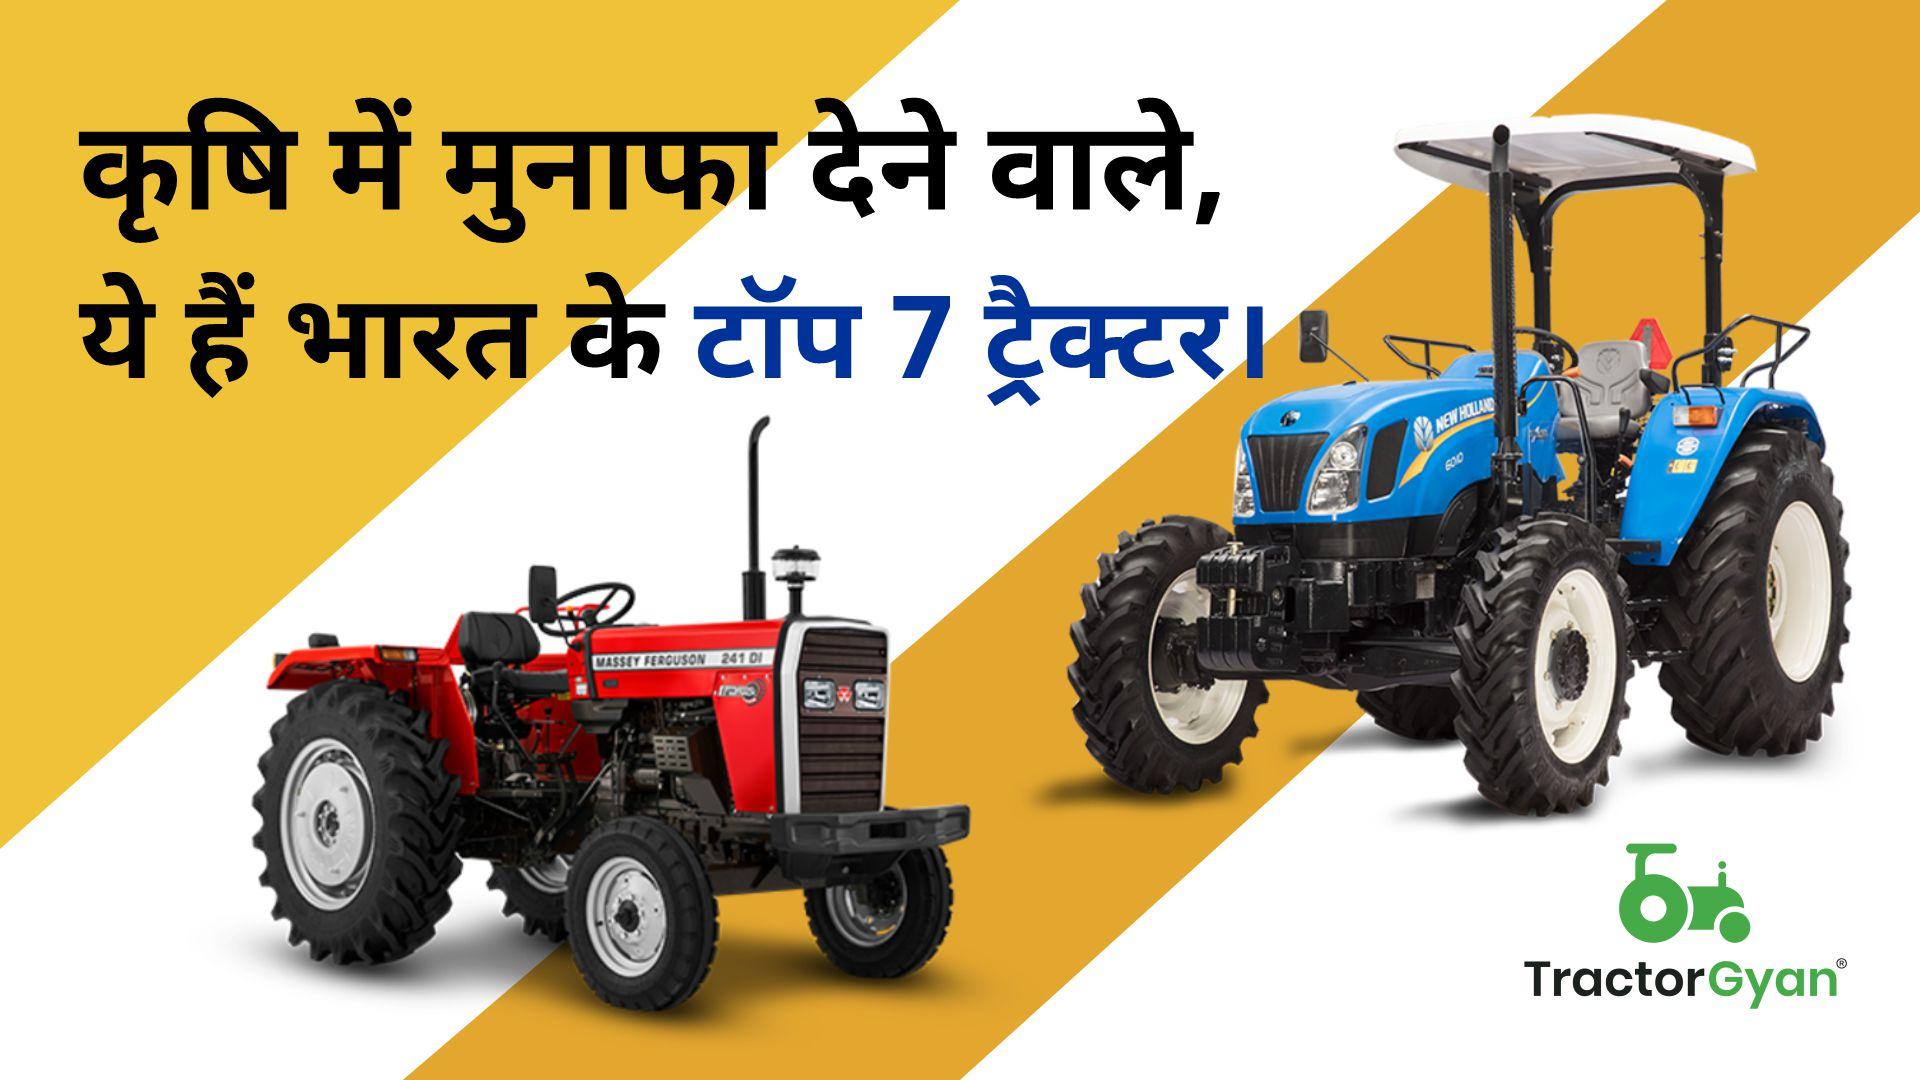 कृषि में मुनाफा देने वाले, ये हैं भारत के टॉप 7 ट्रैक्टर - 2021